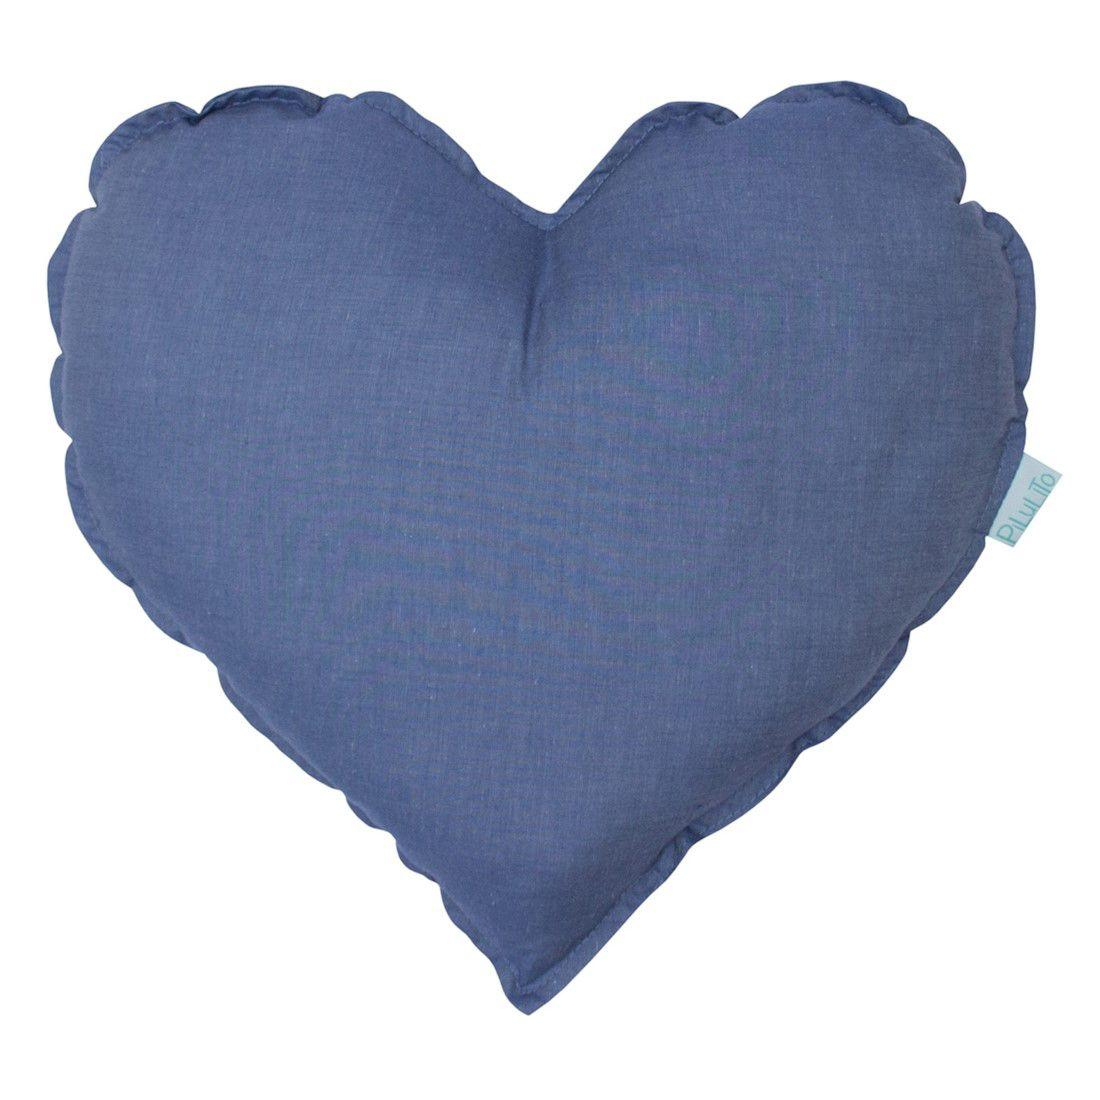 Almofada coração azul jeans